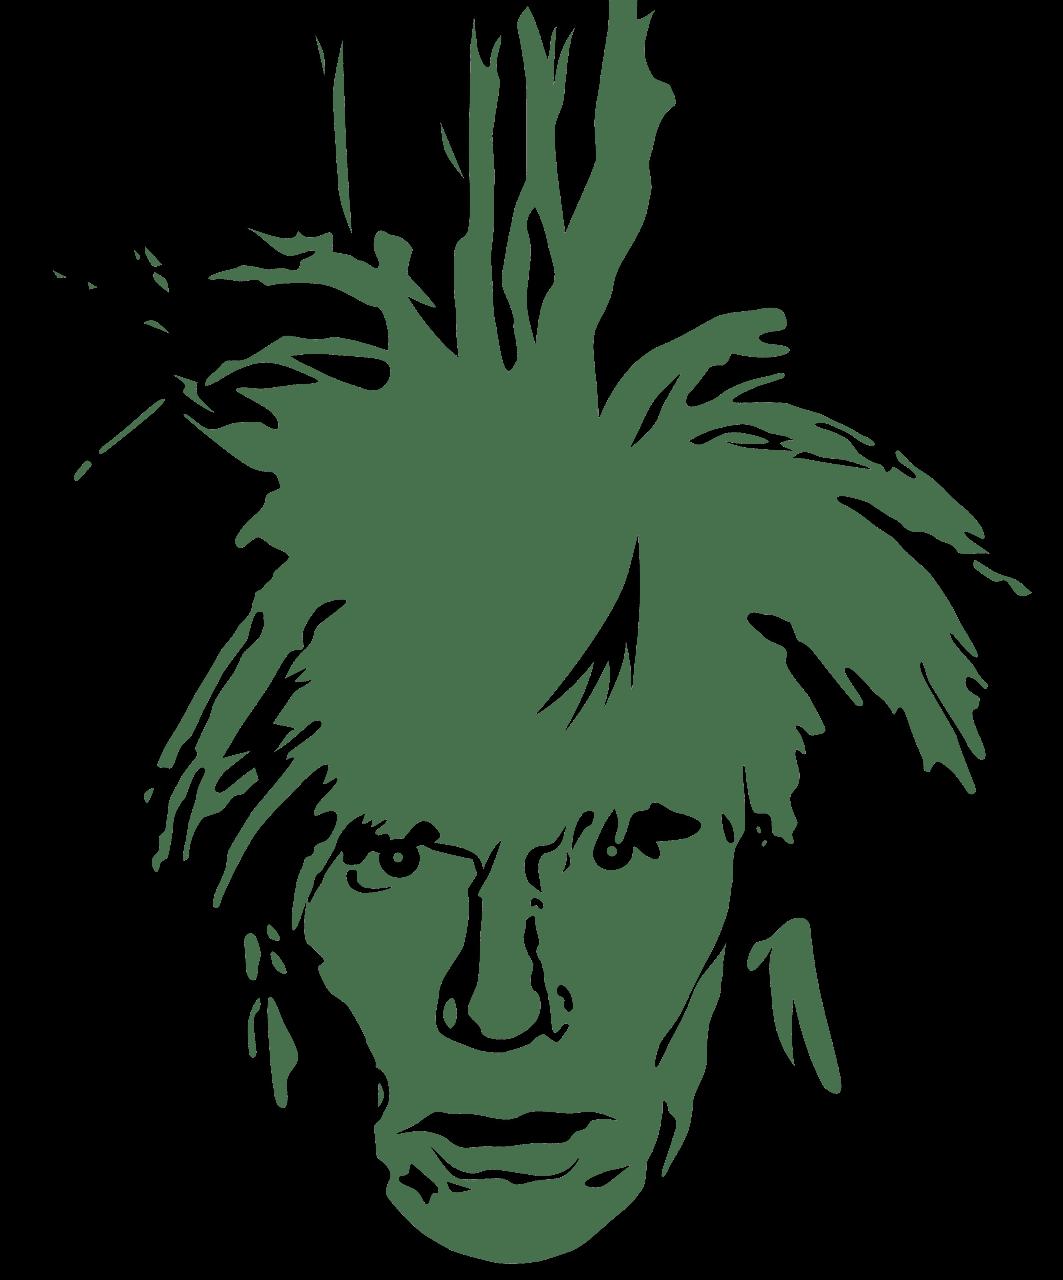 andy warhol 1 - Andy Warhol: trovate 12 opere inedite su floppy disc del maestro della pop art